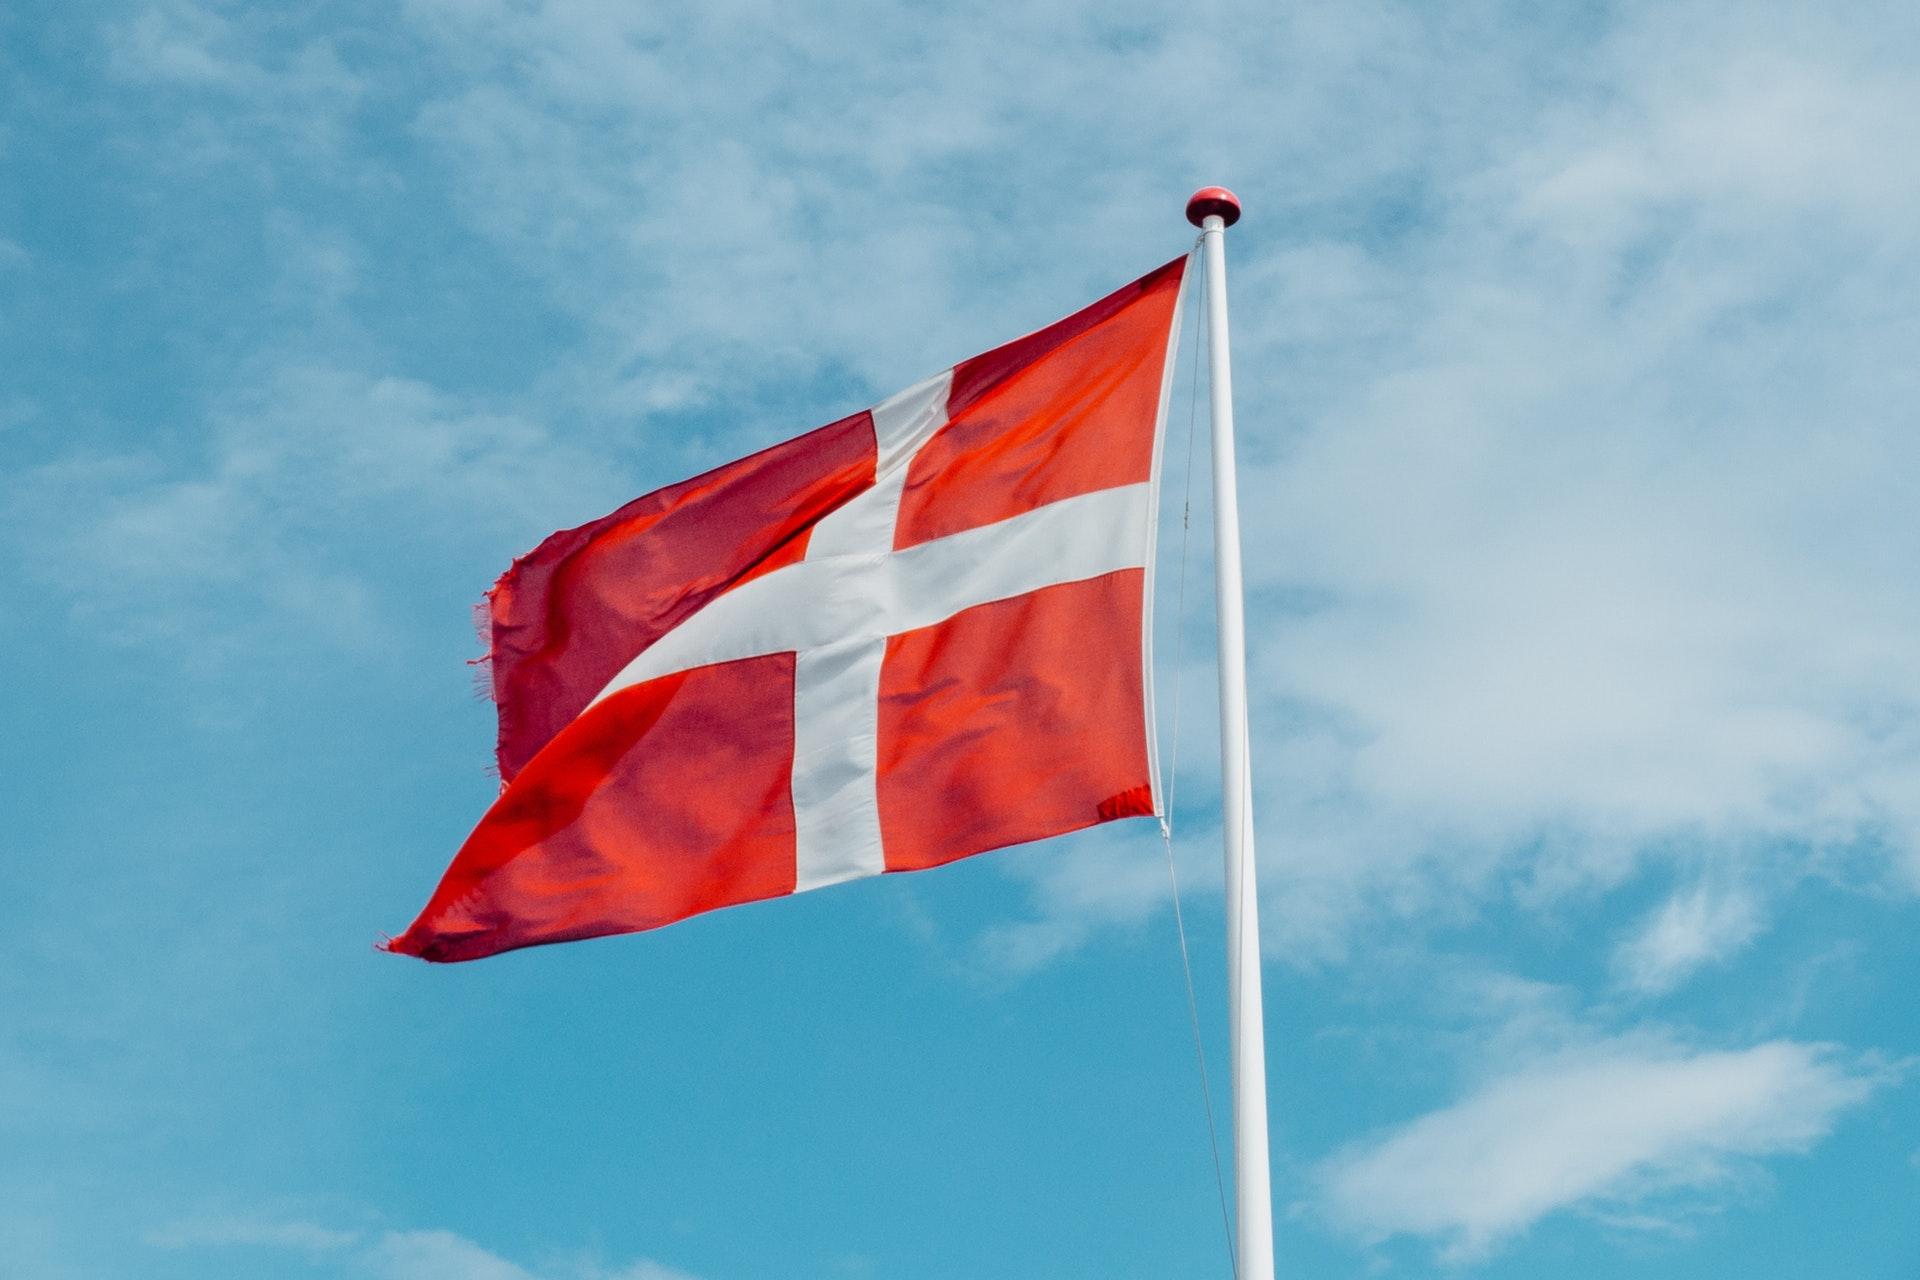 Solidify expands to Copenhagen, Denmark